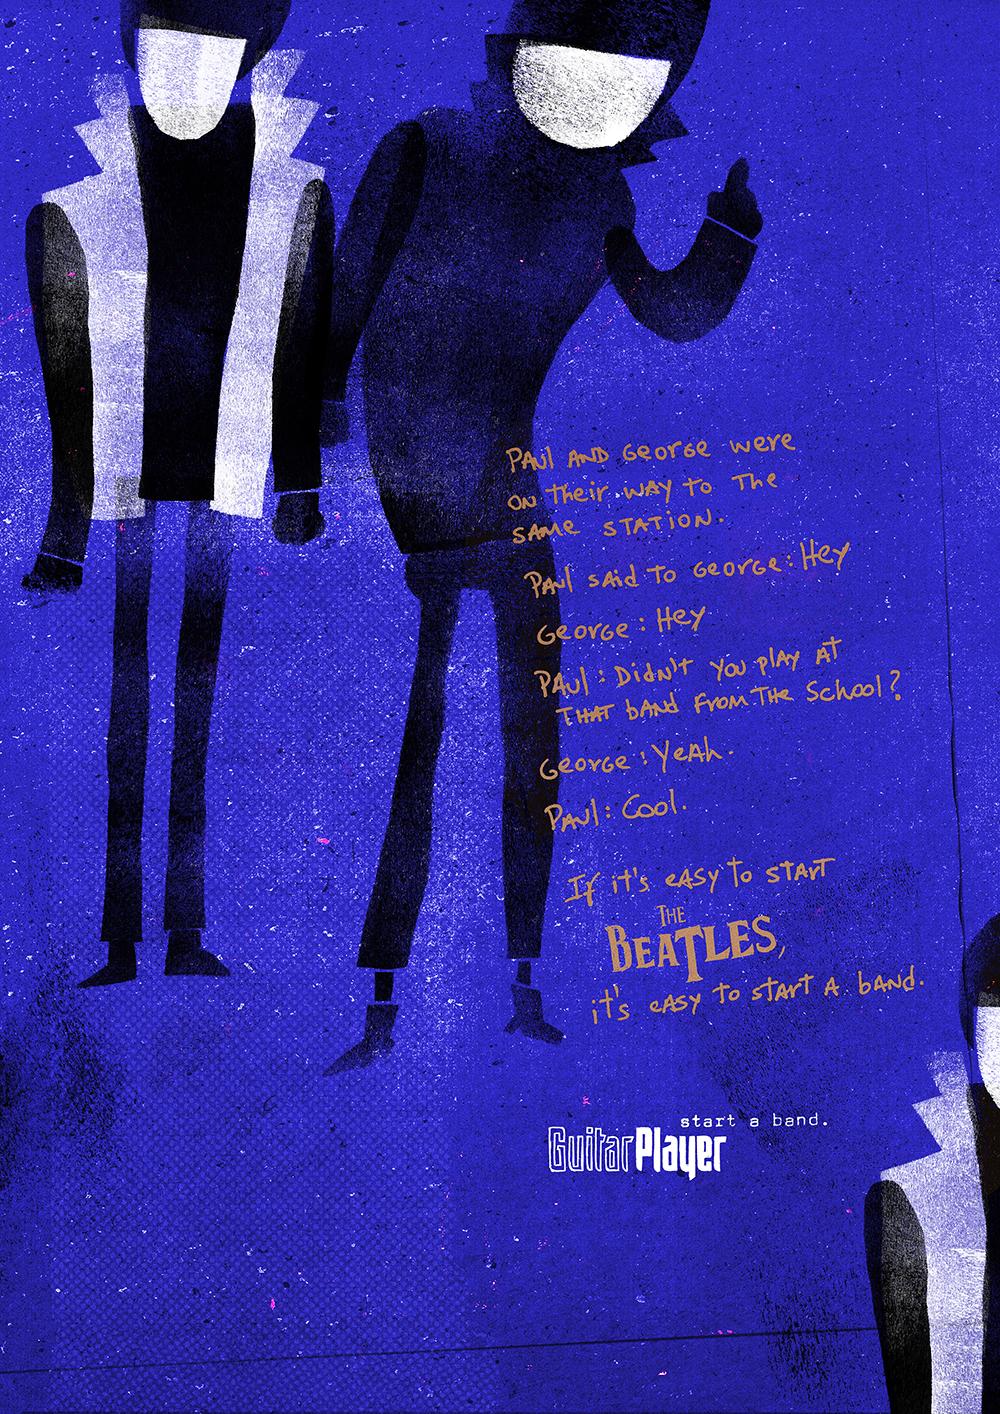 guitar_player_beatles.jpg